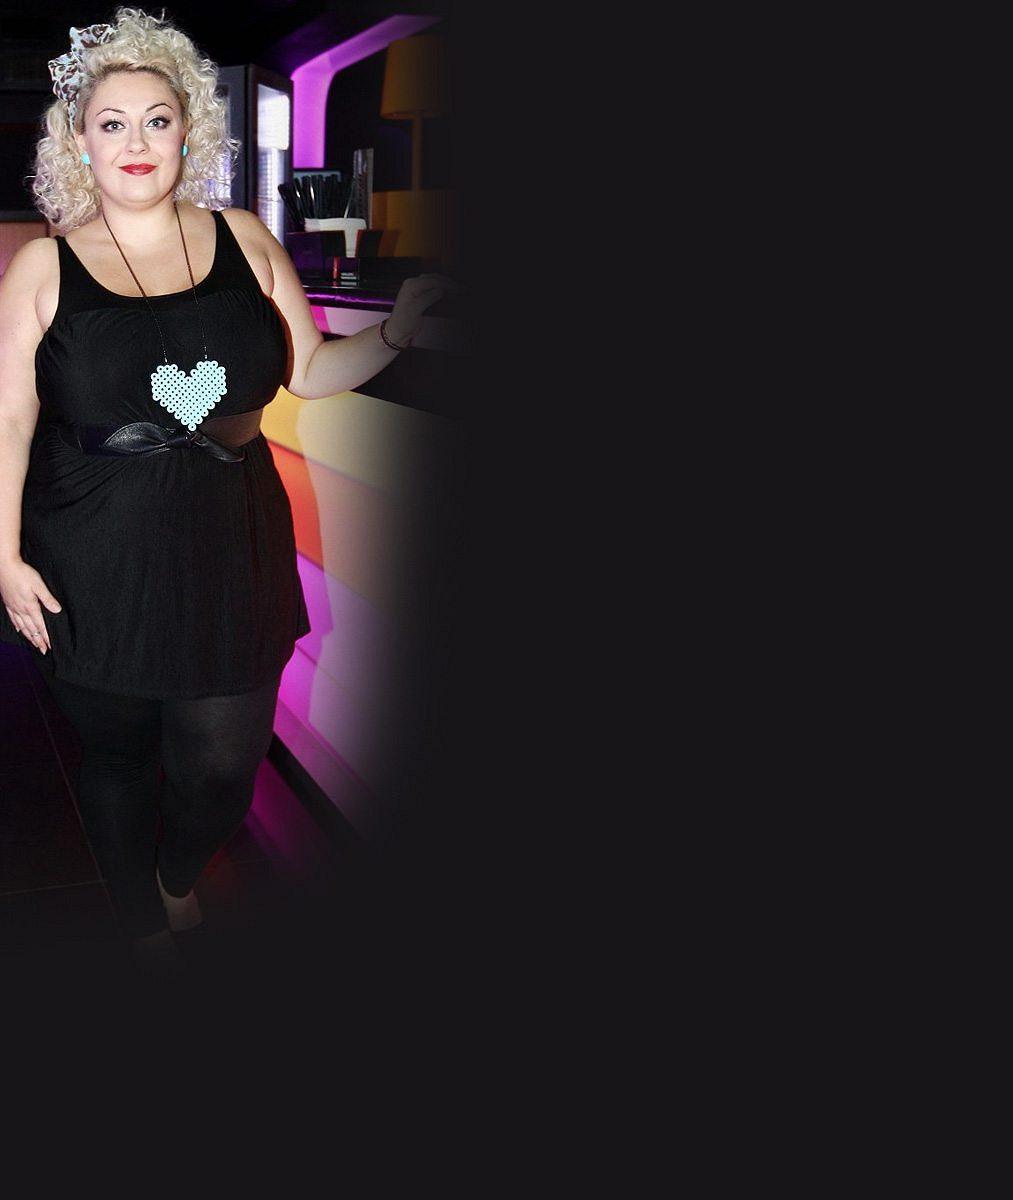 Zpěvačka spřírodními sedmičkami chce zhubnout 15kilo: Vnady si ale zmenšovat nenechá